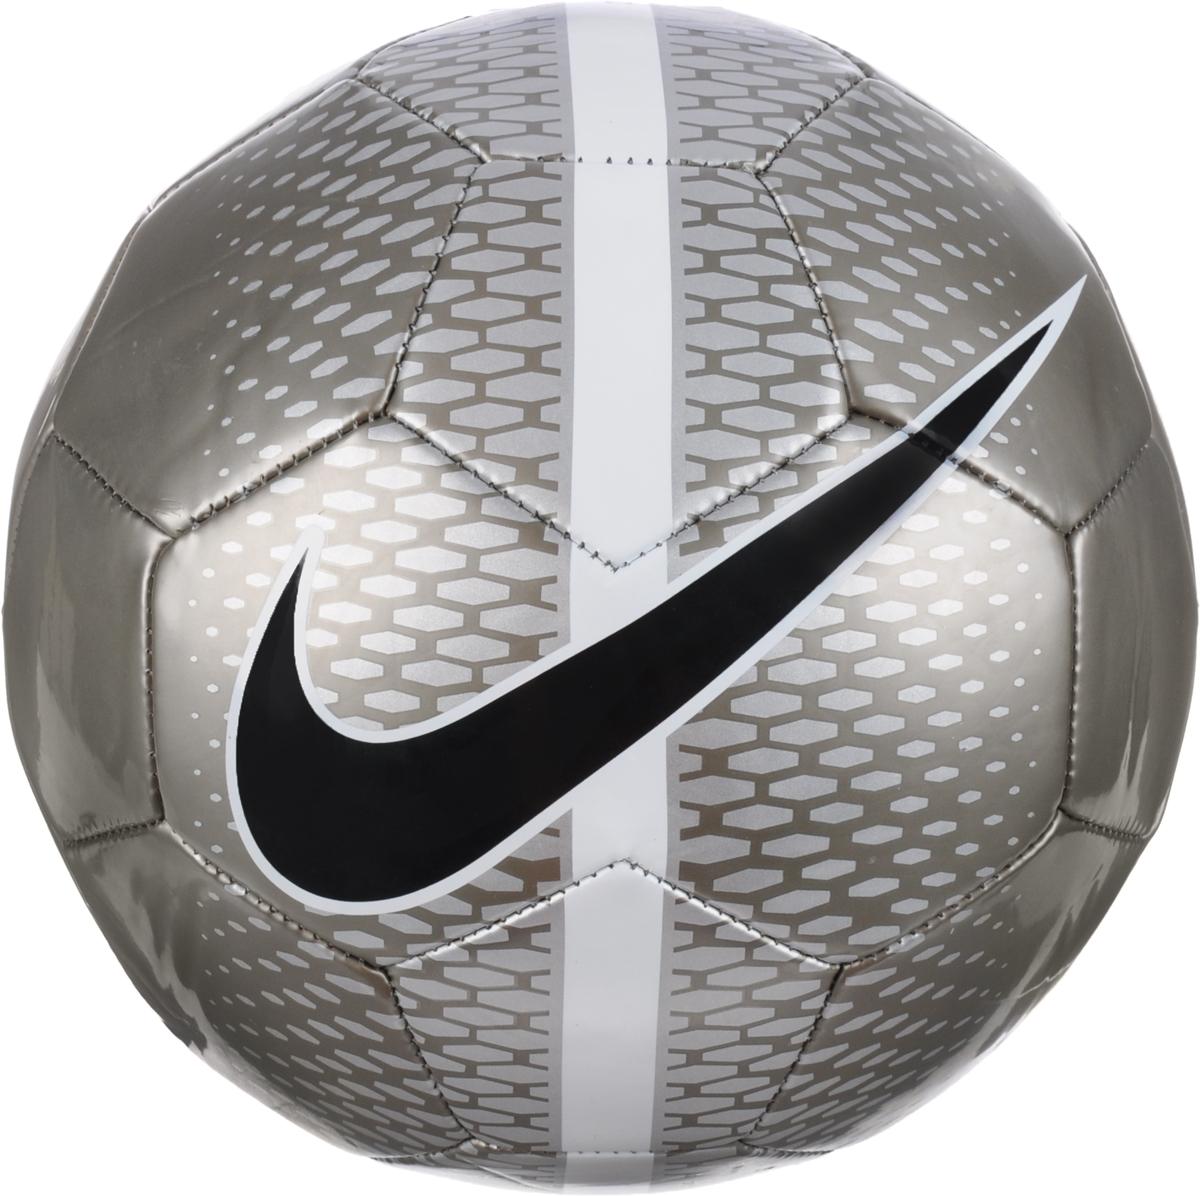 Мяч футбольный Nike Technique, цвет: серебристый, черный, белый. Размер 5SC2362-098Футбольный мяч Nike Technique применяется для тренировок или любительских игр. Традиционная конструкция из 32 панелей обеспечивает правильную и точную траекторию полета. Машинная строчка на панелях из синтетического материала гарантирует прочность и превосходное касание. Усиленная резиновая камера позволяет сохранить форму мяча. УВАЖЕМЫЕ КЛИЕНТЫ! Обращаем ваше внимание на тот факт, что мяч поставляется в сдутом виде. Насос в комплект не входит.